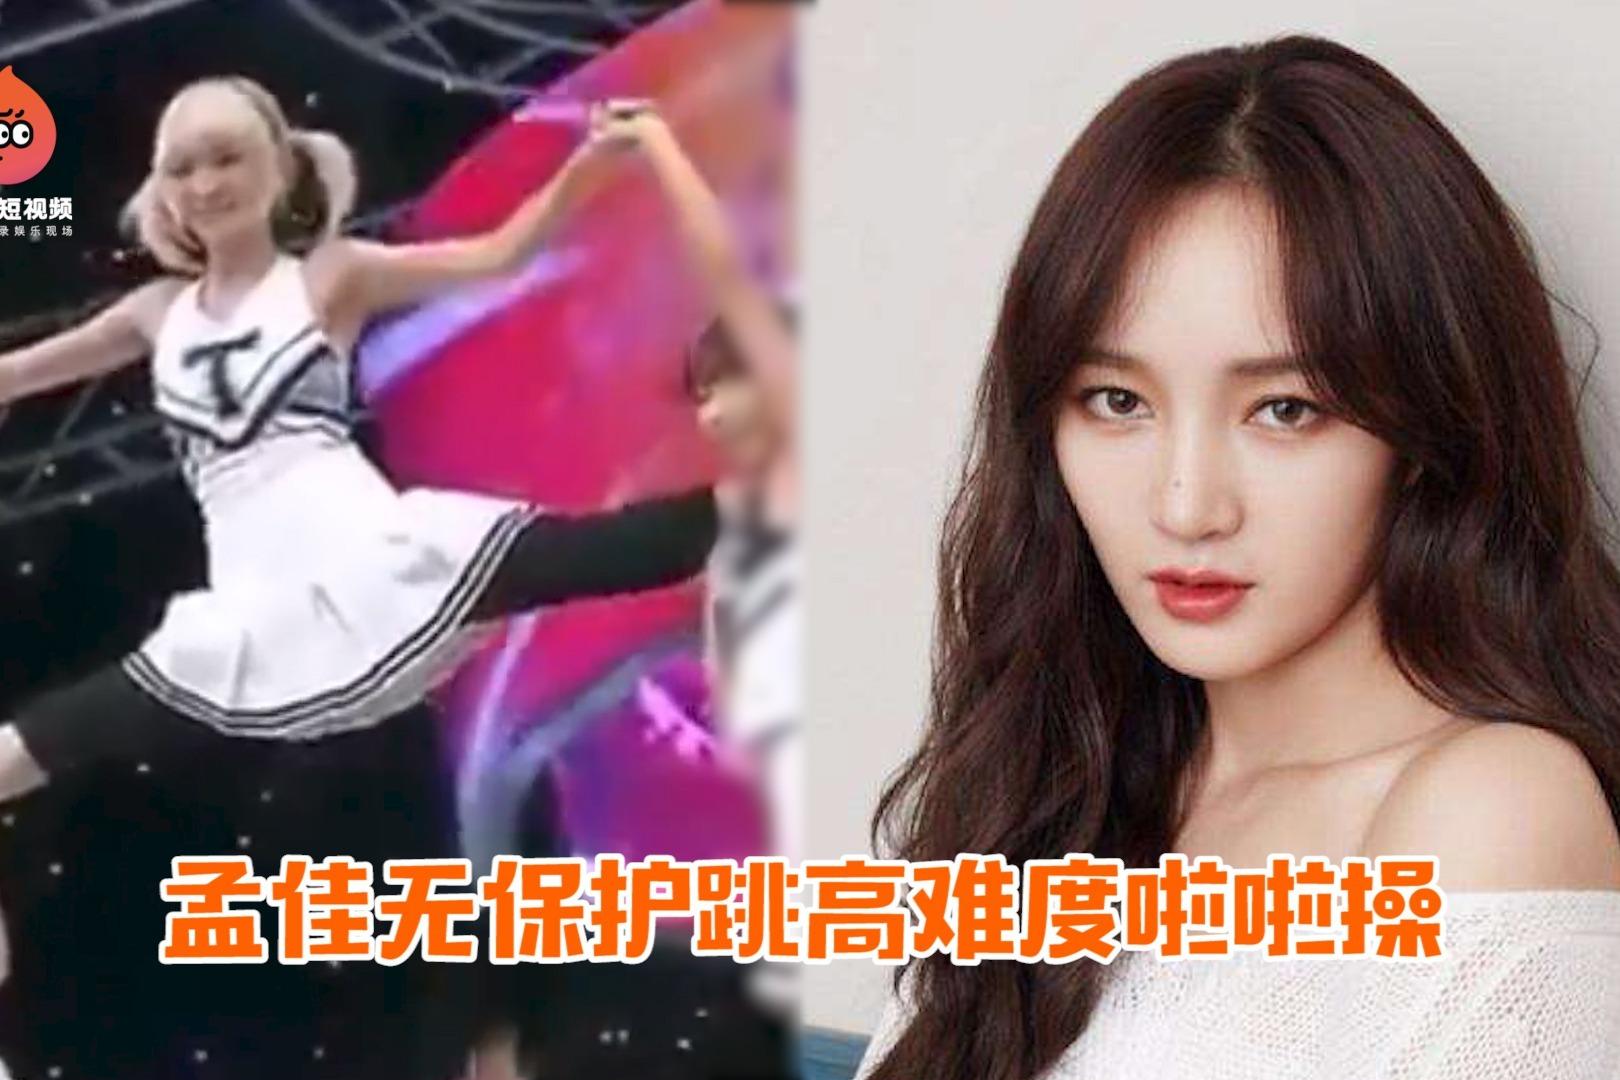 女星无保护跳高难度啦啦操,高空劈叉吓坏一众韩国观众